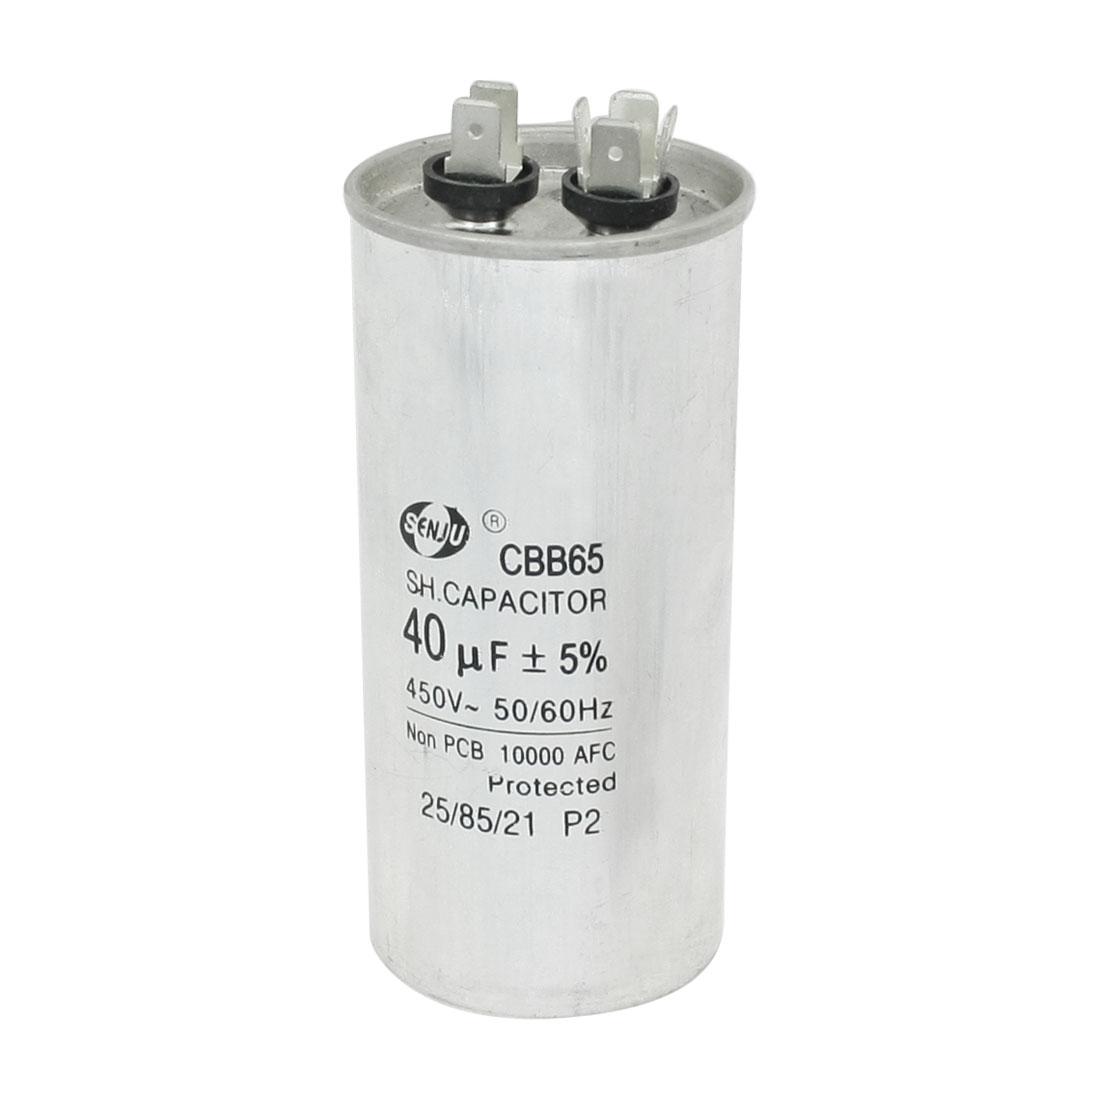 CBB65 40uF 5% Tolerance Compressor Motor Running Capacitor AC 450V